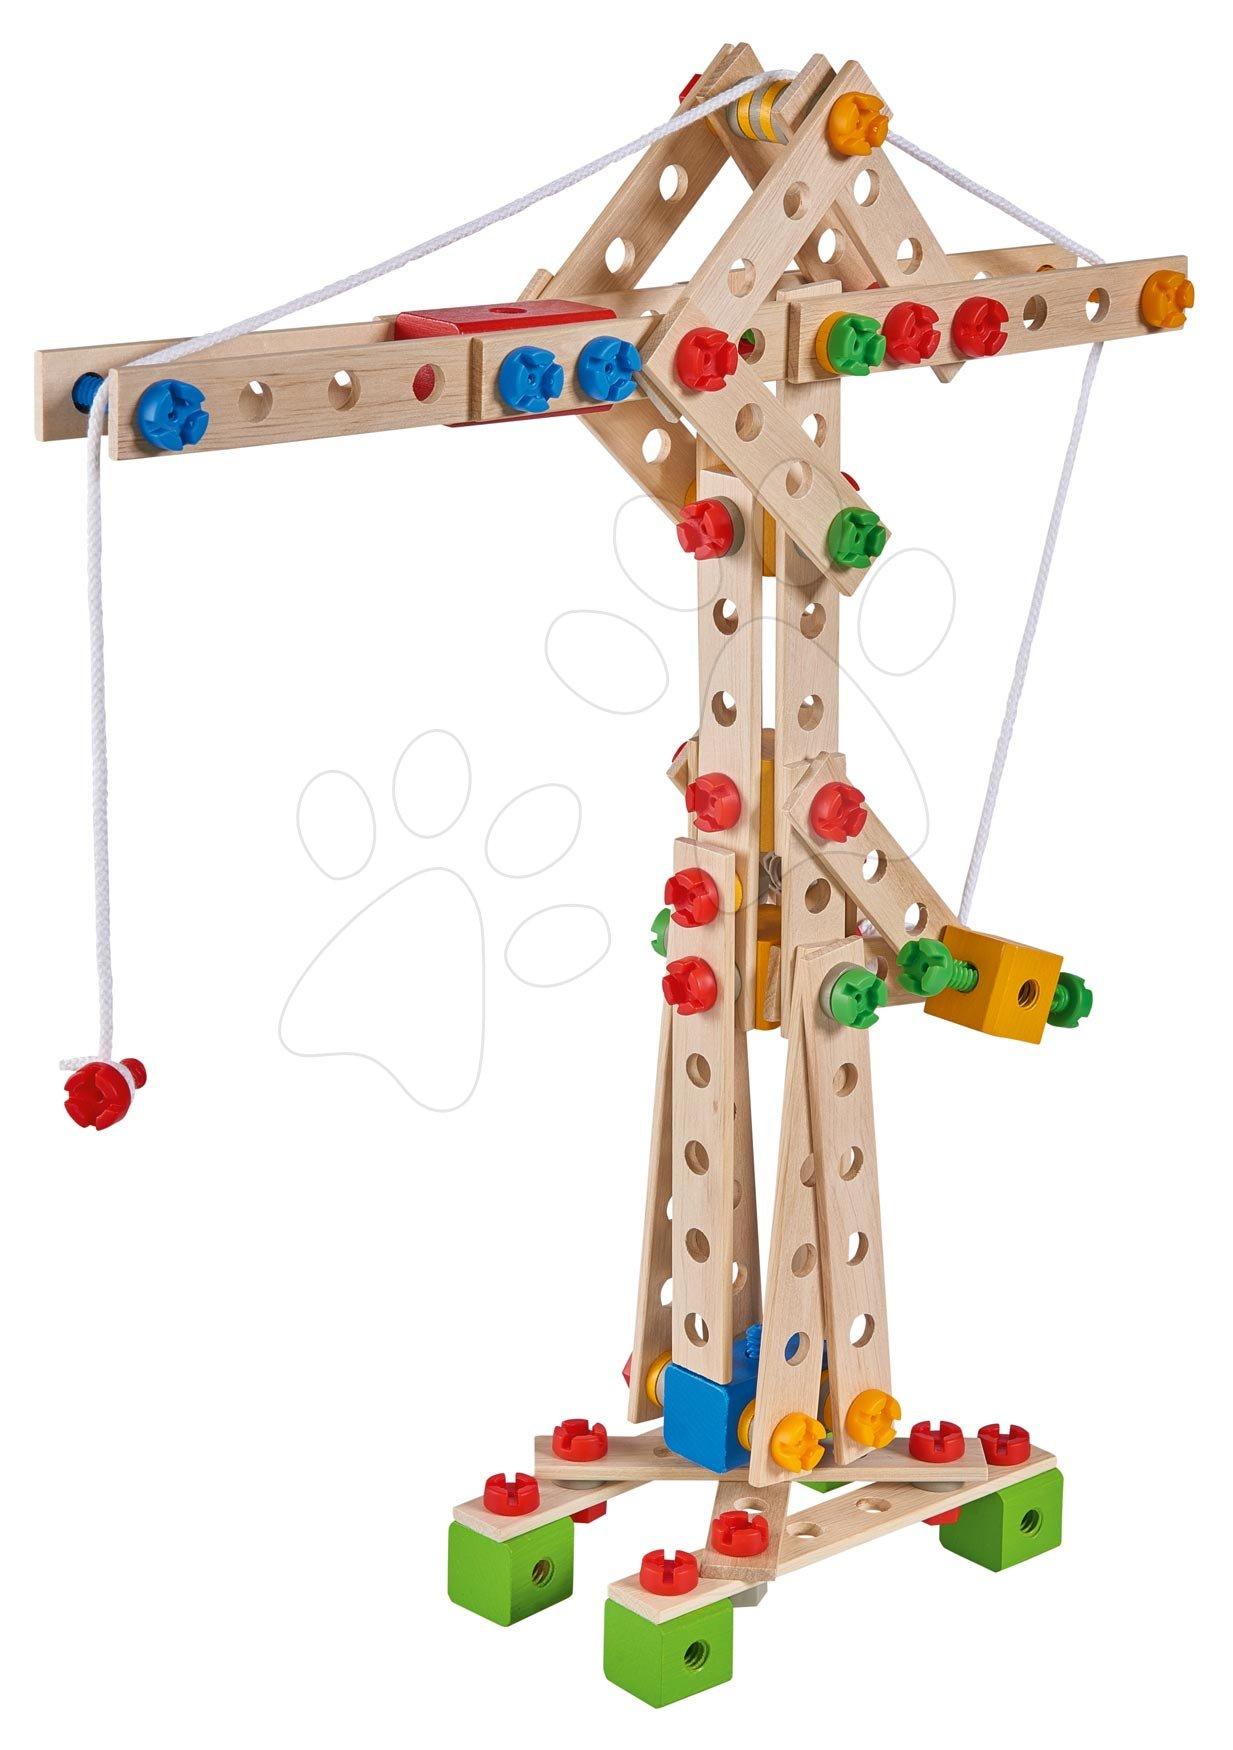 Dřevěná stavebnice jeřáb Constructor Crane Eichhorn 5 modelů (jeřáb, loď, hydroplán, formule, mobilní jeřáb) 170 dílů od 6 let